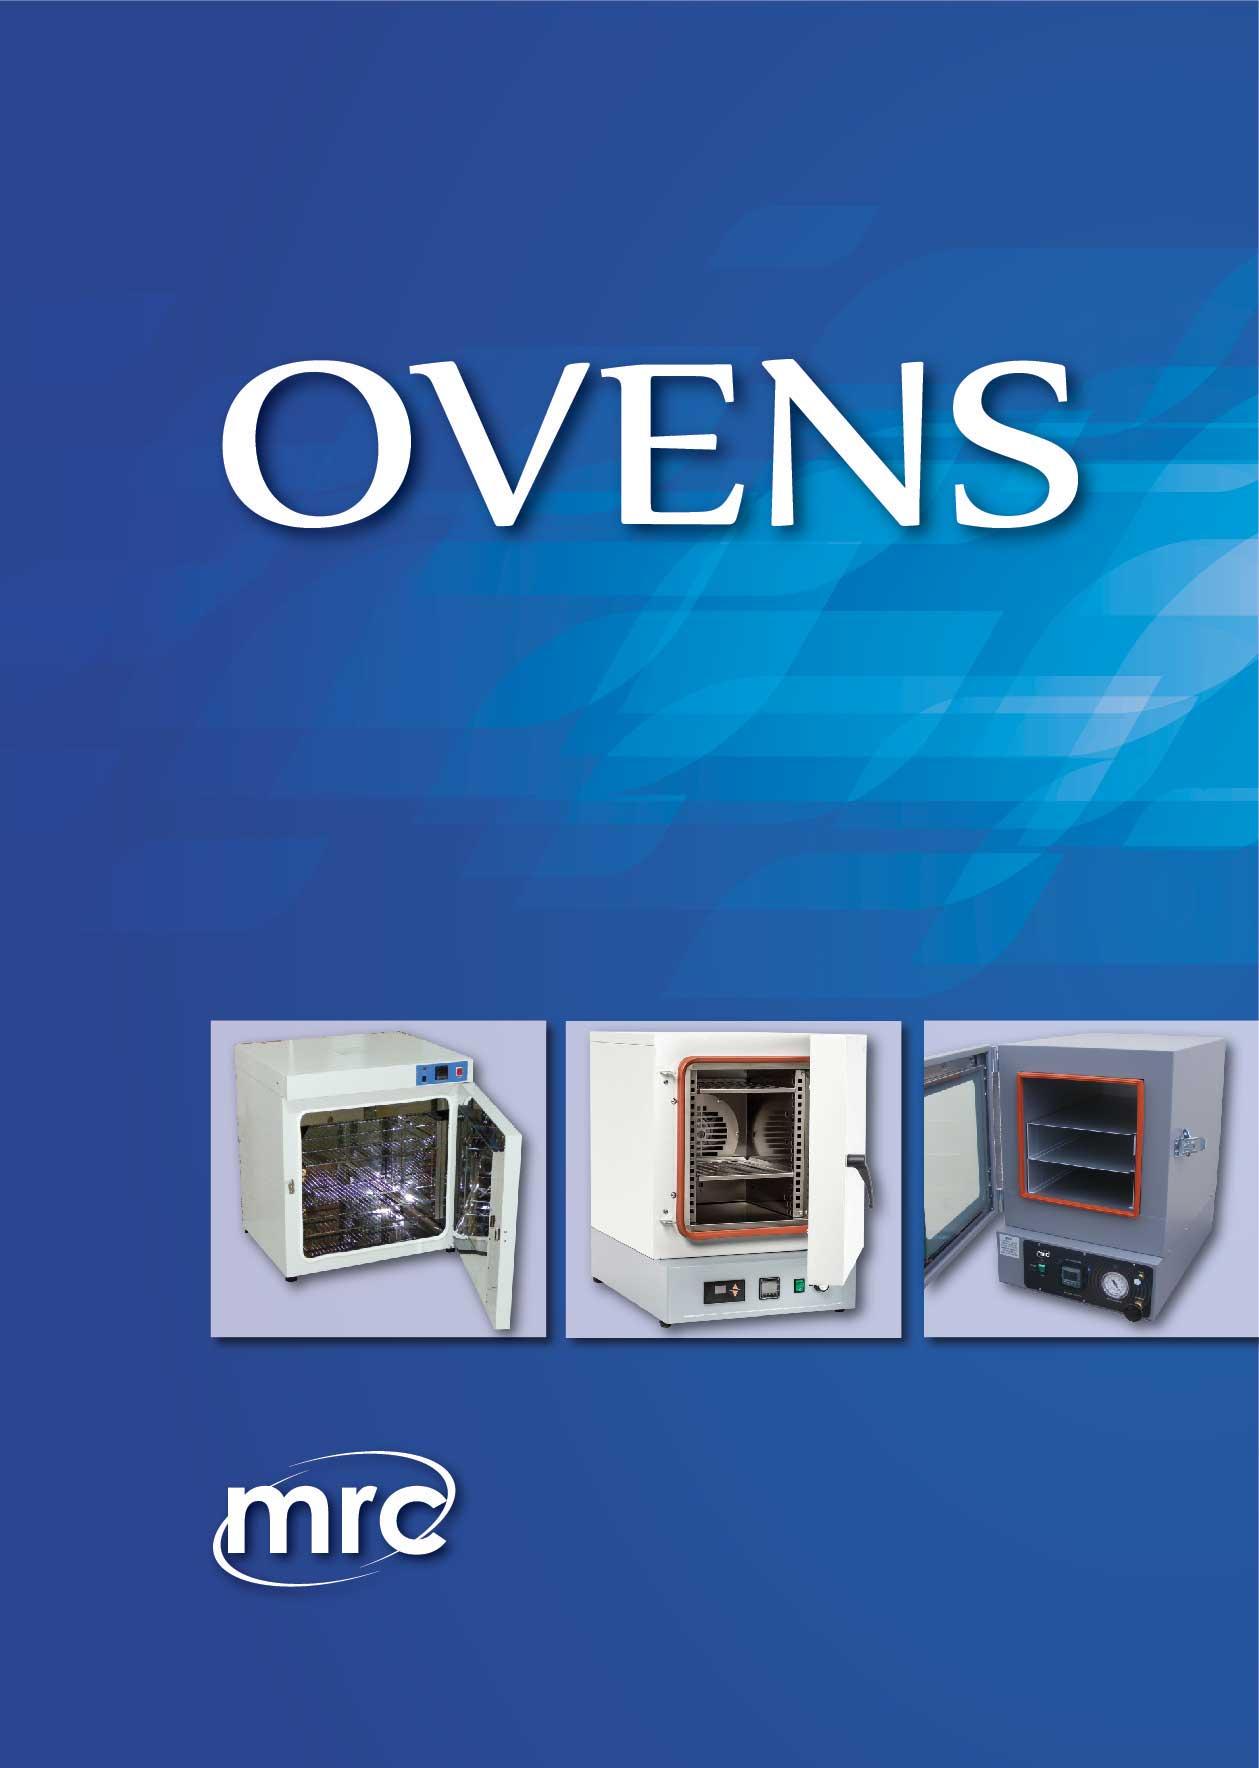 OVENS-COVER.jpg